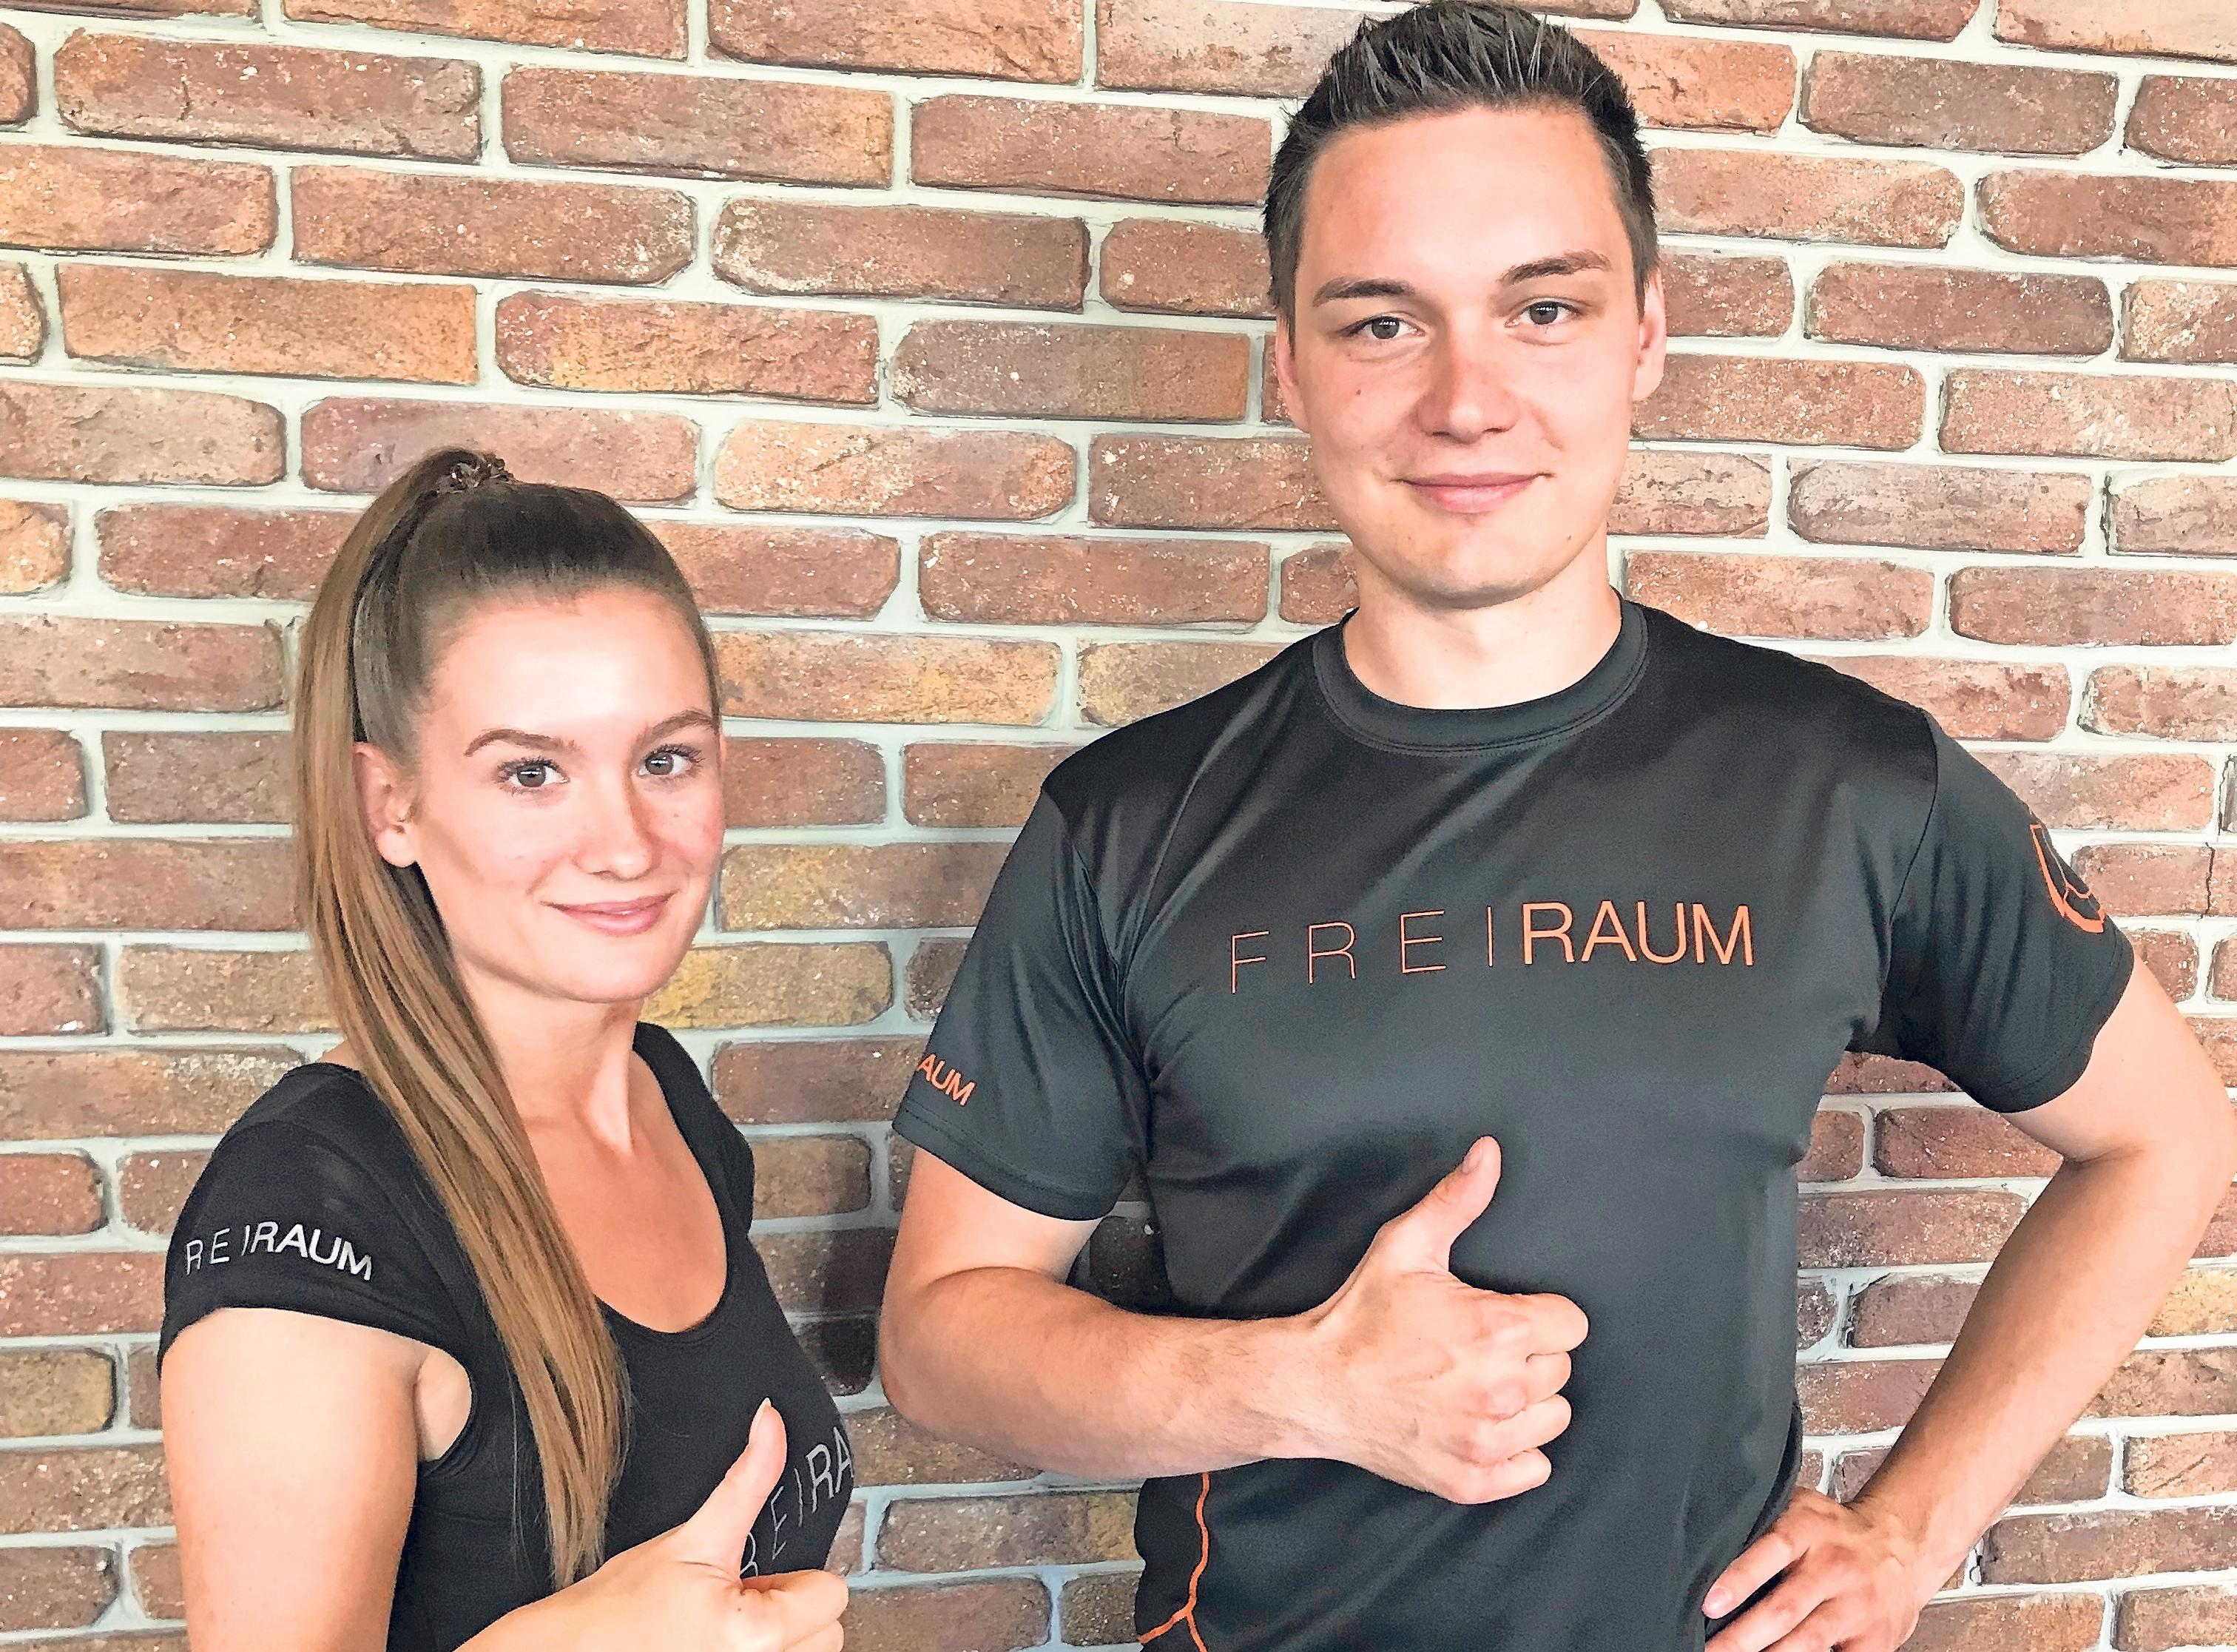 Max Mühlbauer (Studioleitung) und Julia Mauthe (Aerobicleitung) freuen sich über das Ergebnis des Kundenspiegels. Foto: Freiraum